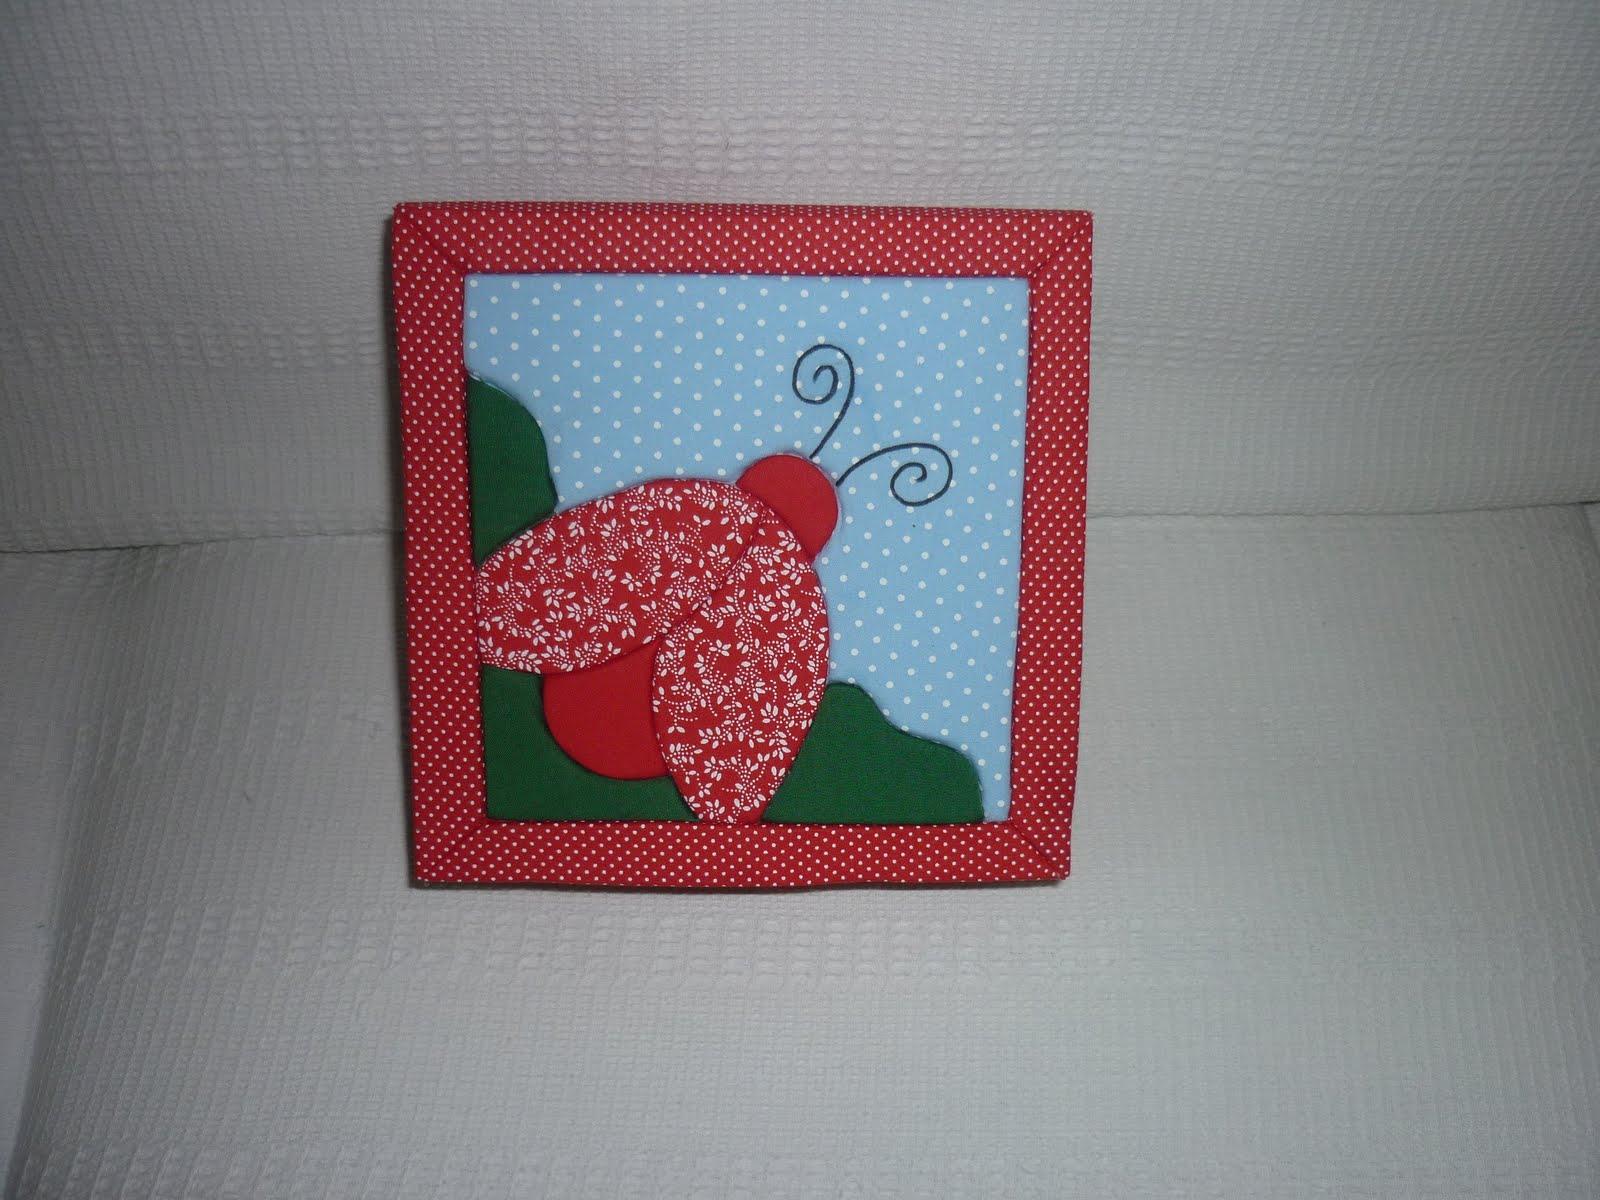 Artesanato: Caixas de madeira forradas com tecidos da artesã Natália #912832 1600x1200